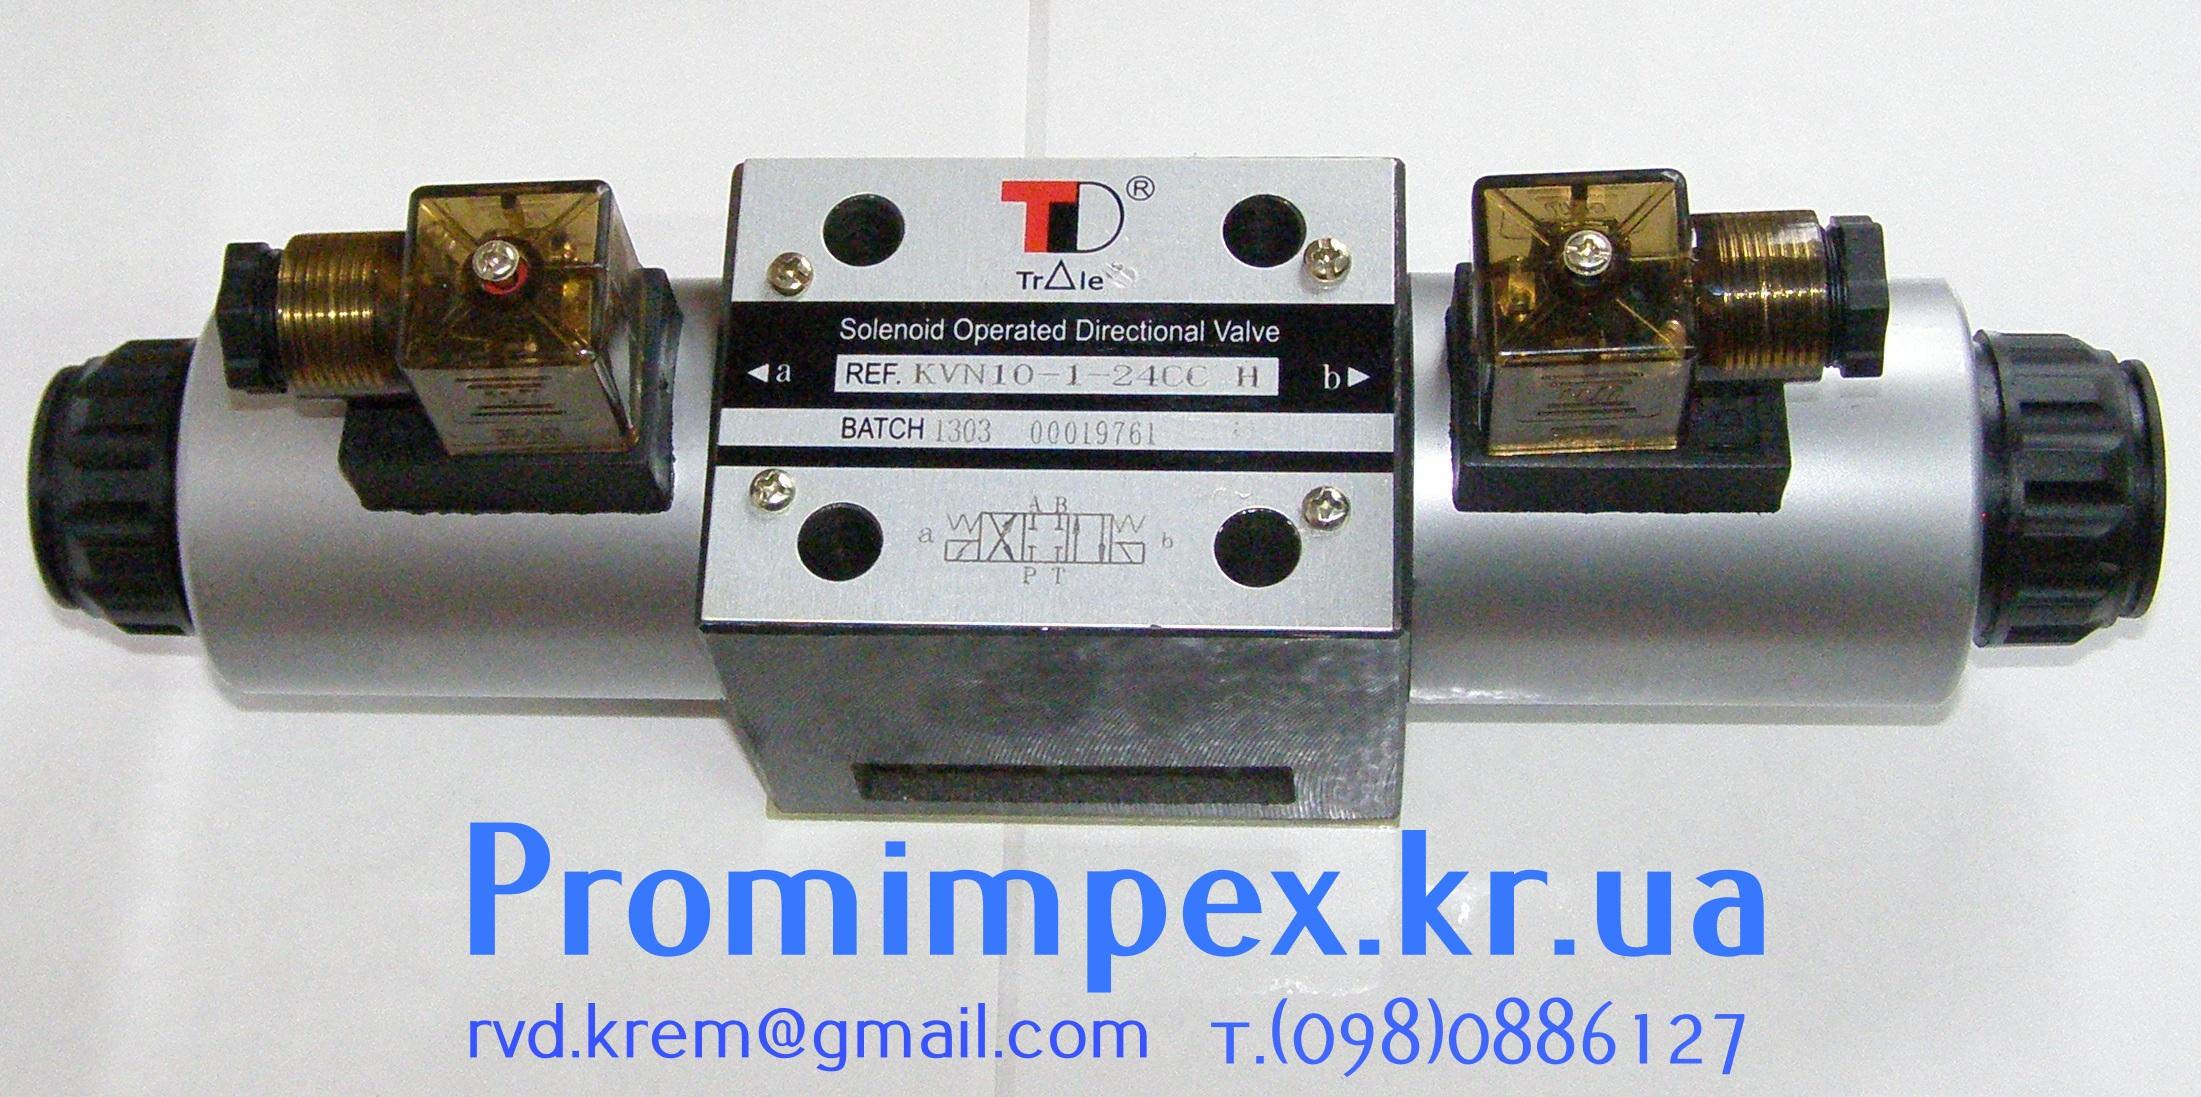 Гидрораспределитель с электромагнитным управлением KVNG10-1-24CC H